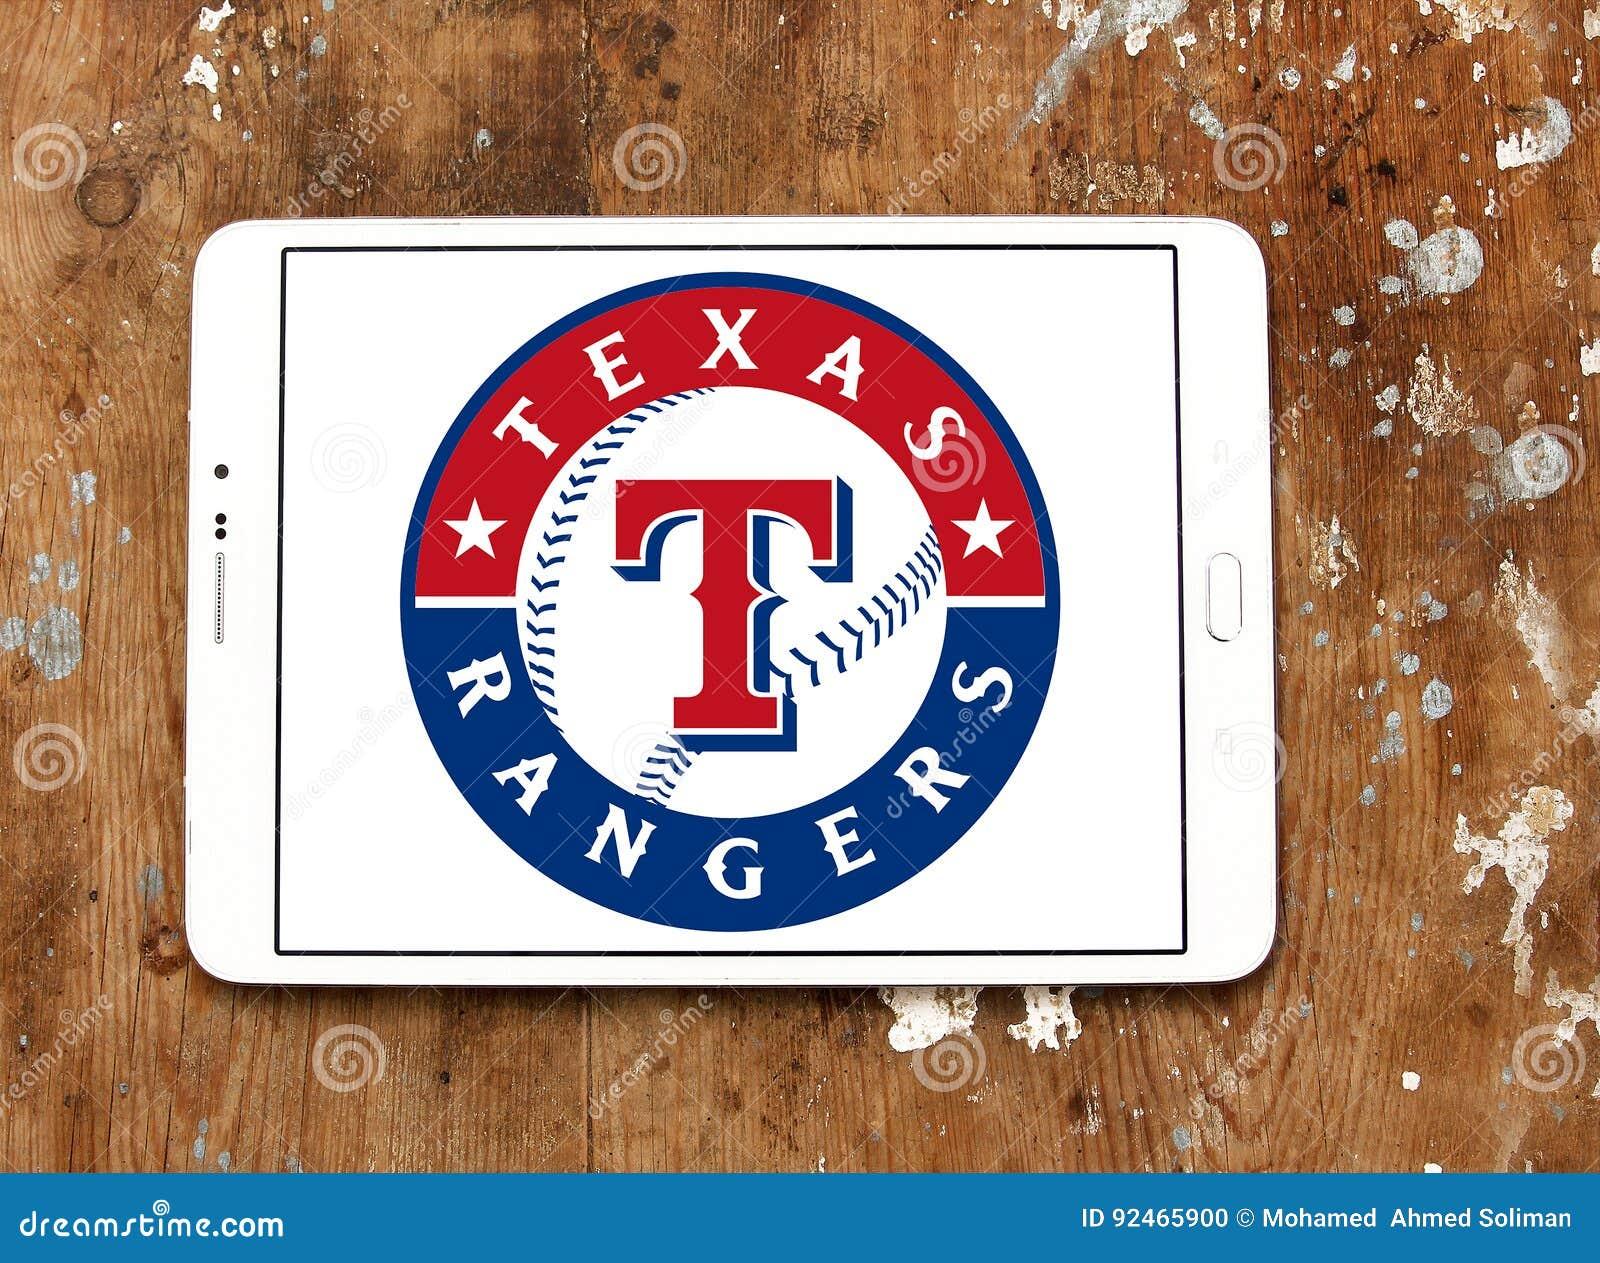 Logotipo del equipo de béisbol de Texas Rangers